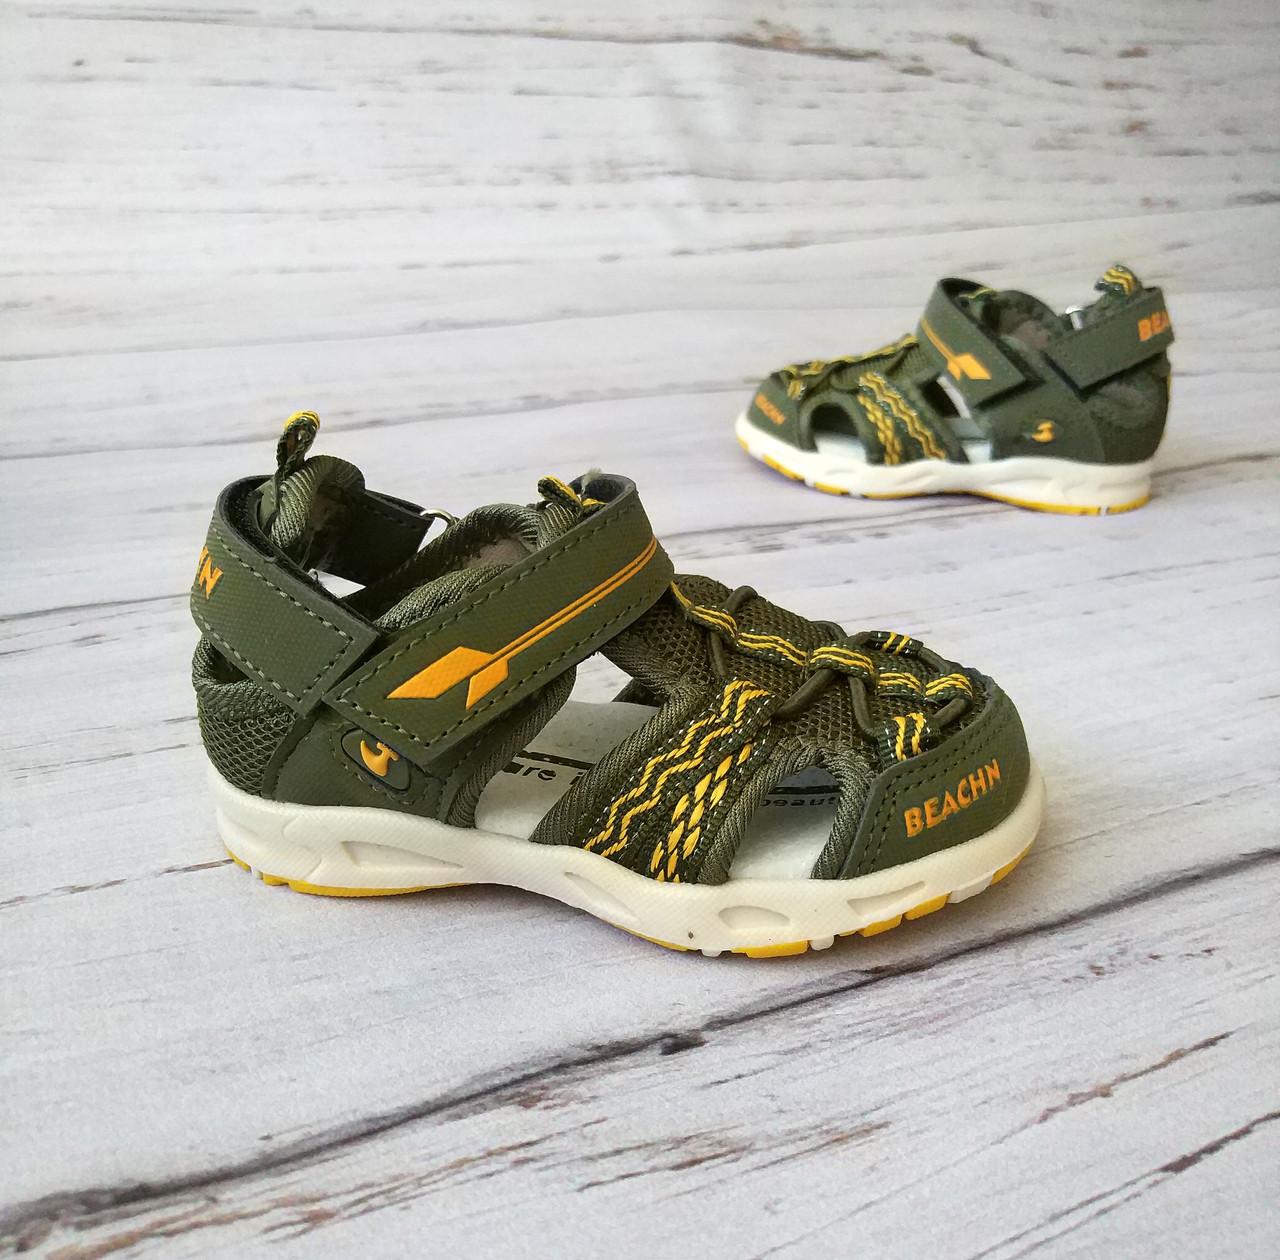 Обувь для мальчиков, босоножки хаки JongGolf 23 разме